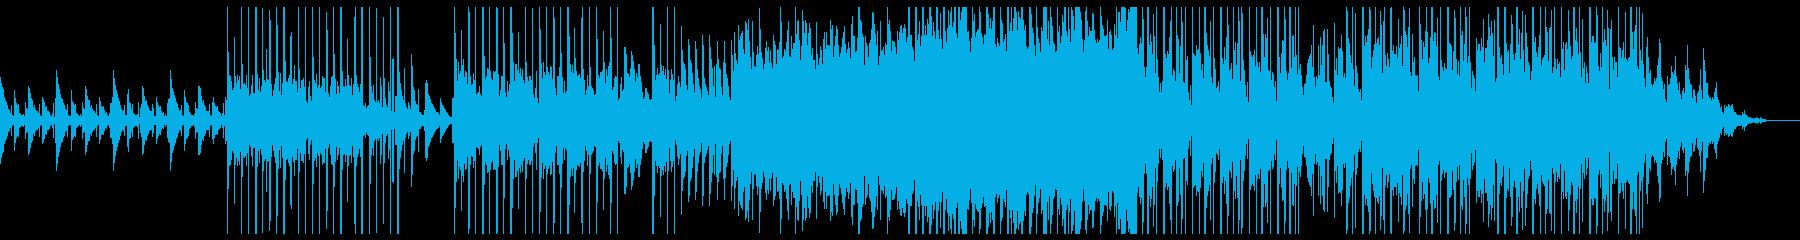 怪しい雰囲気から明るい曲へ変化の再生済みの波形